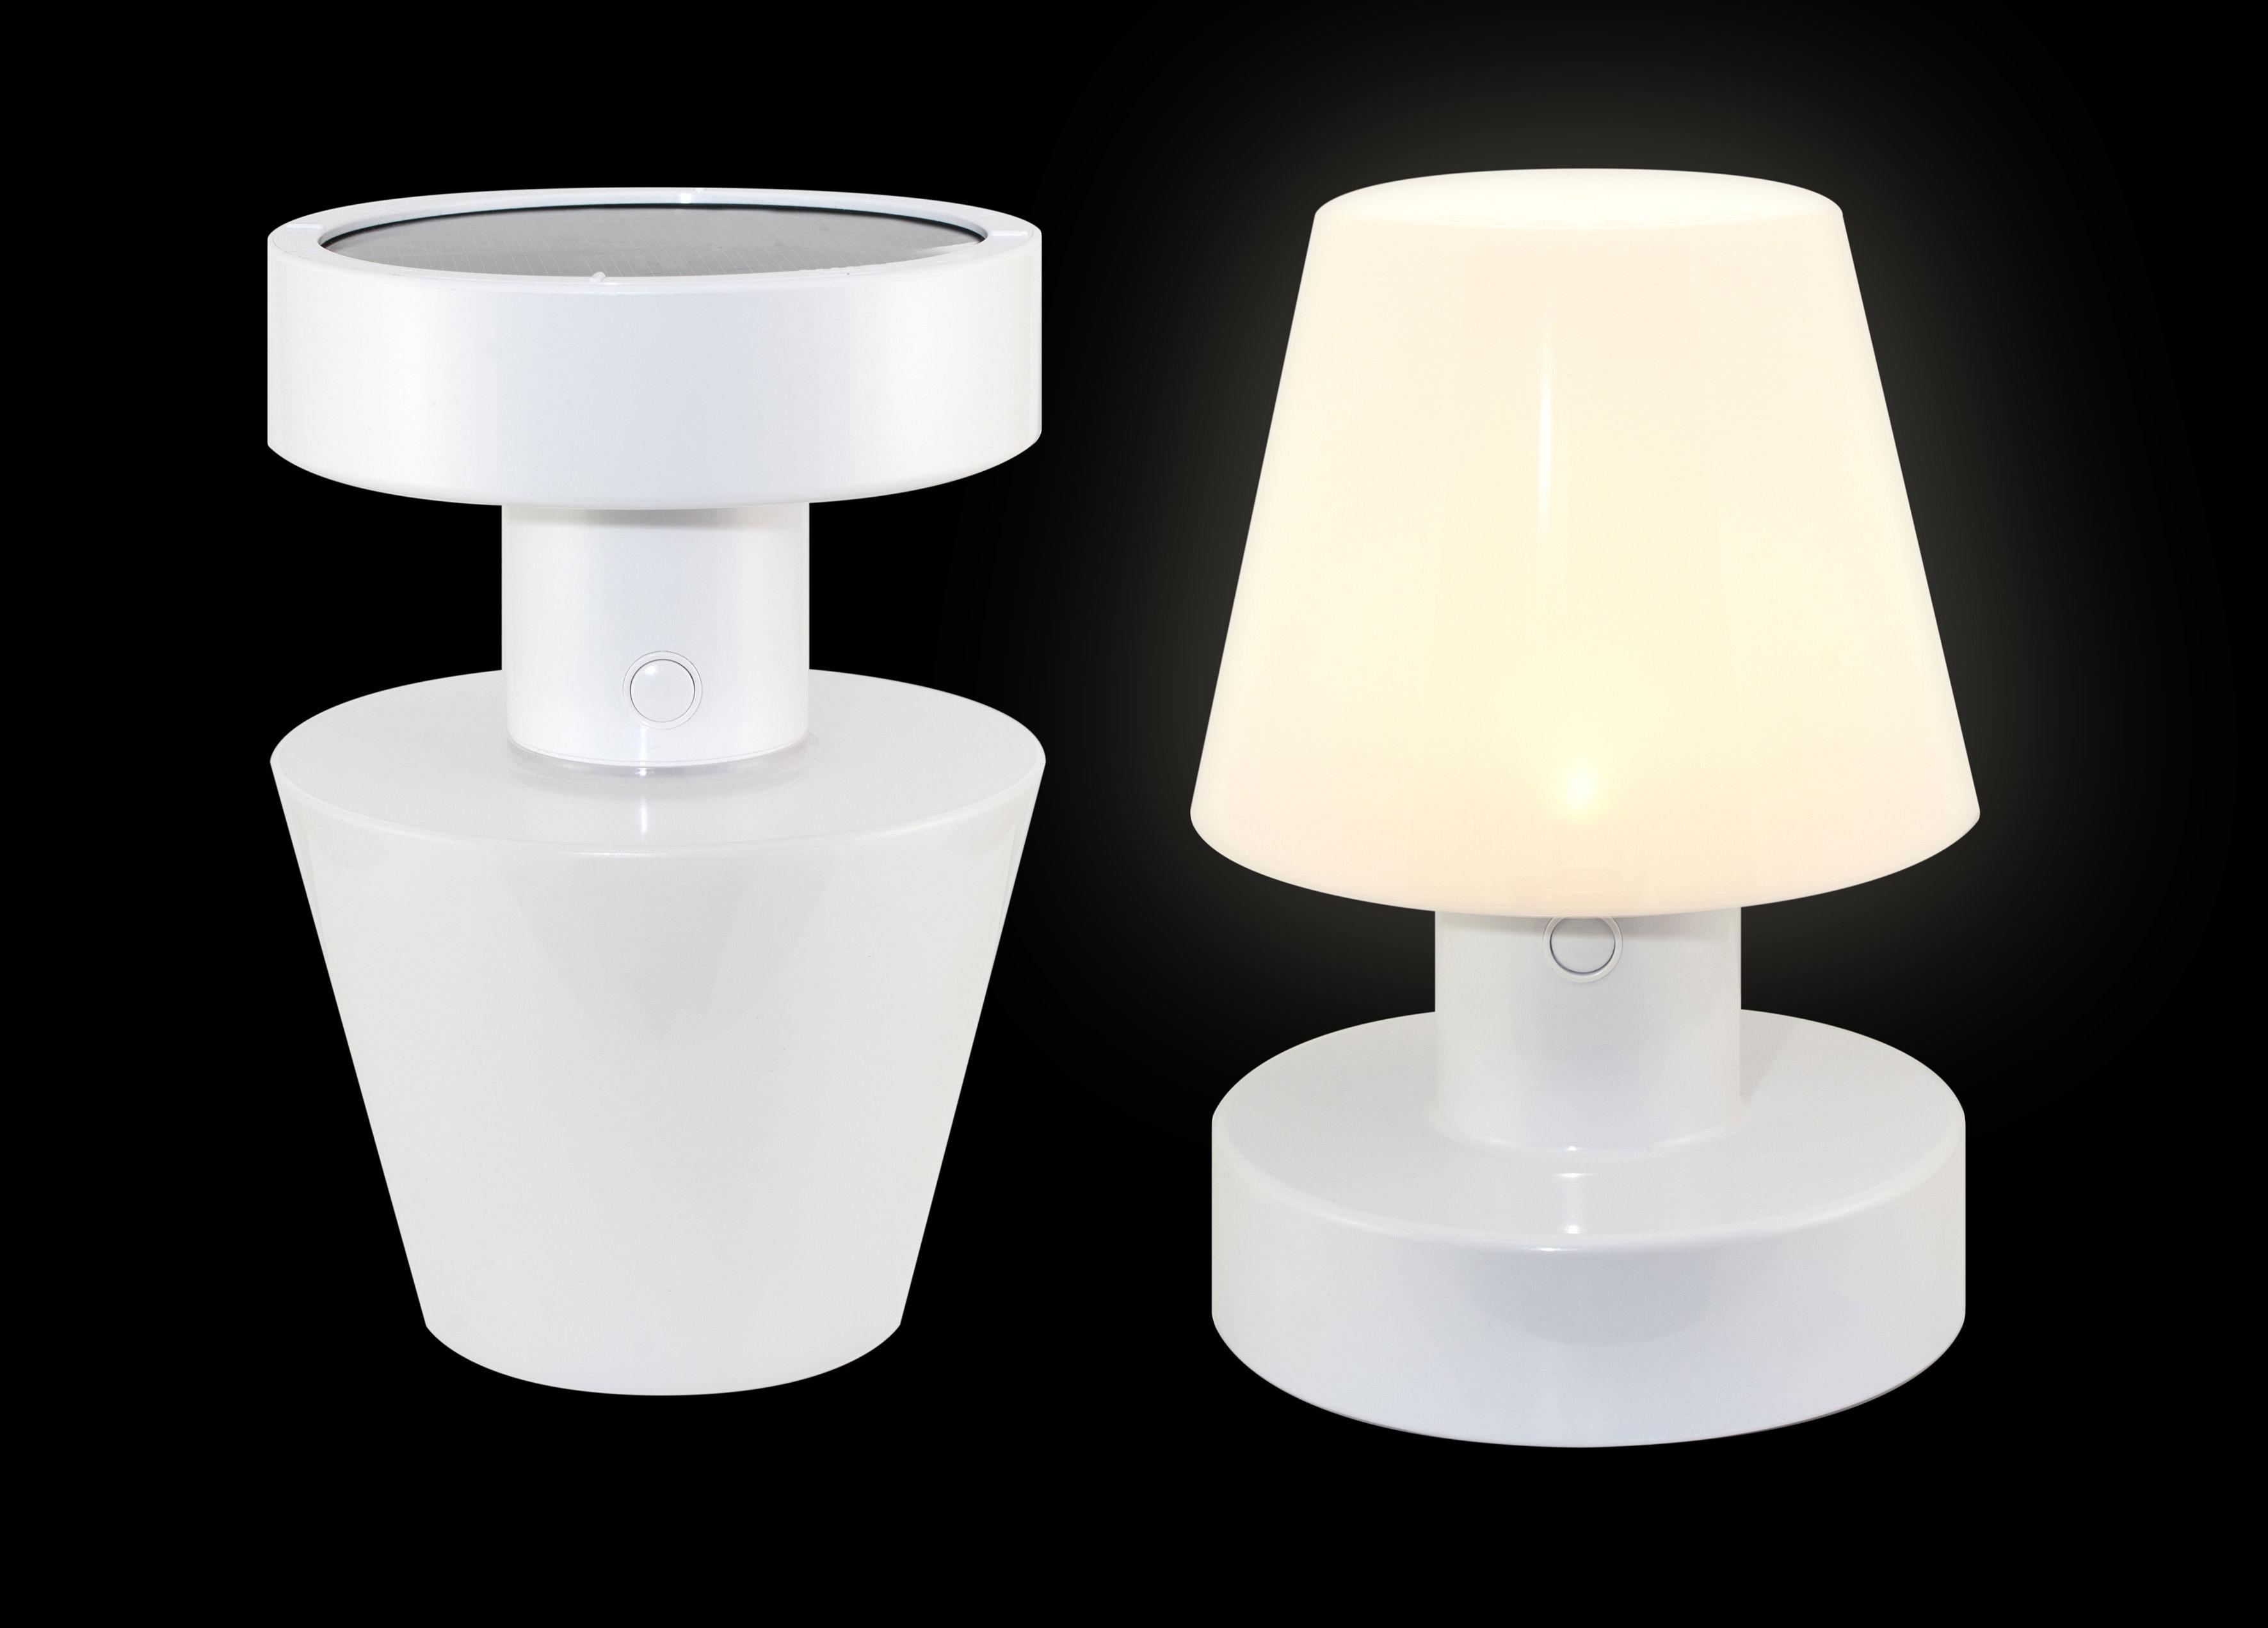 Lampade da esterno solari a led migliori in commercio cose per